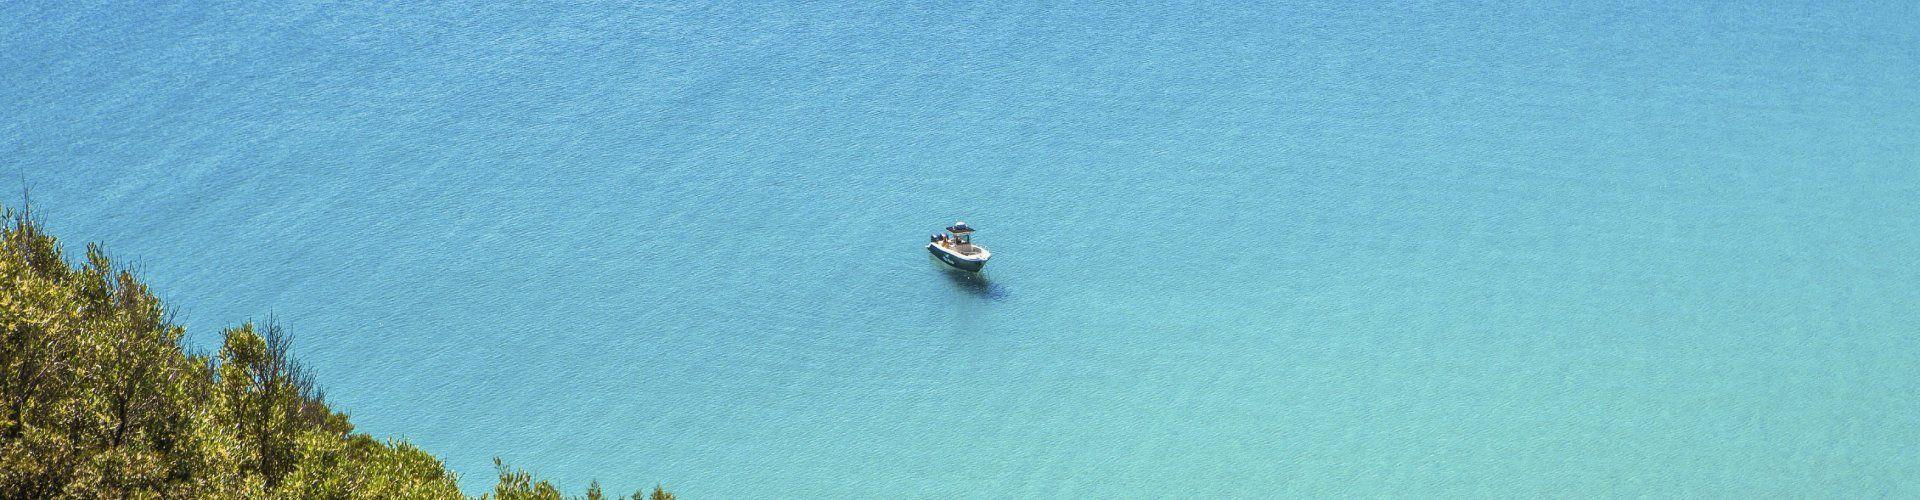 Blaues Meer mit darauf schwimmendem Motorboot, Torre delle Stelle